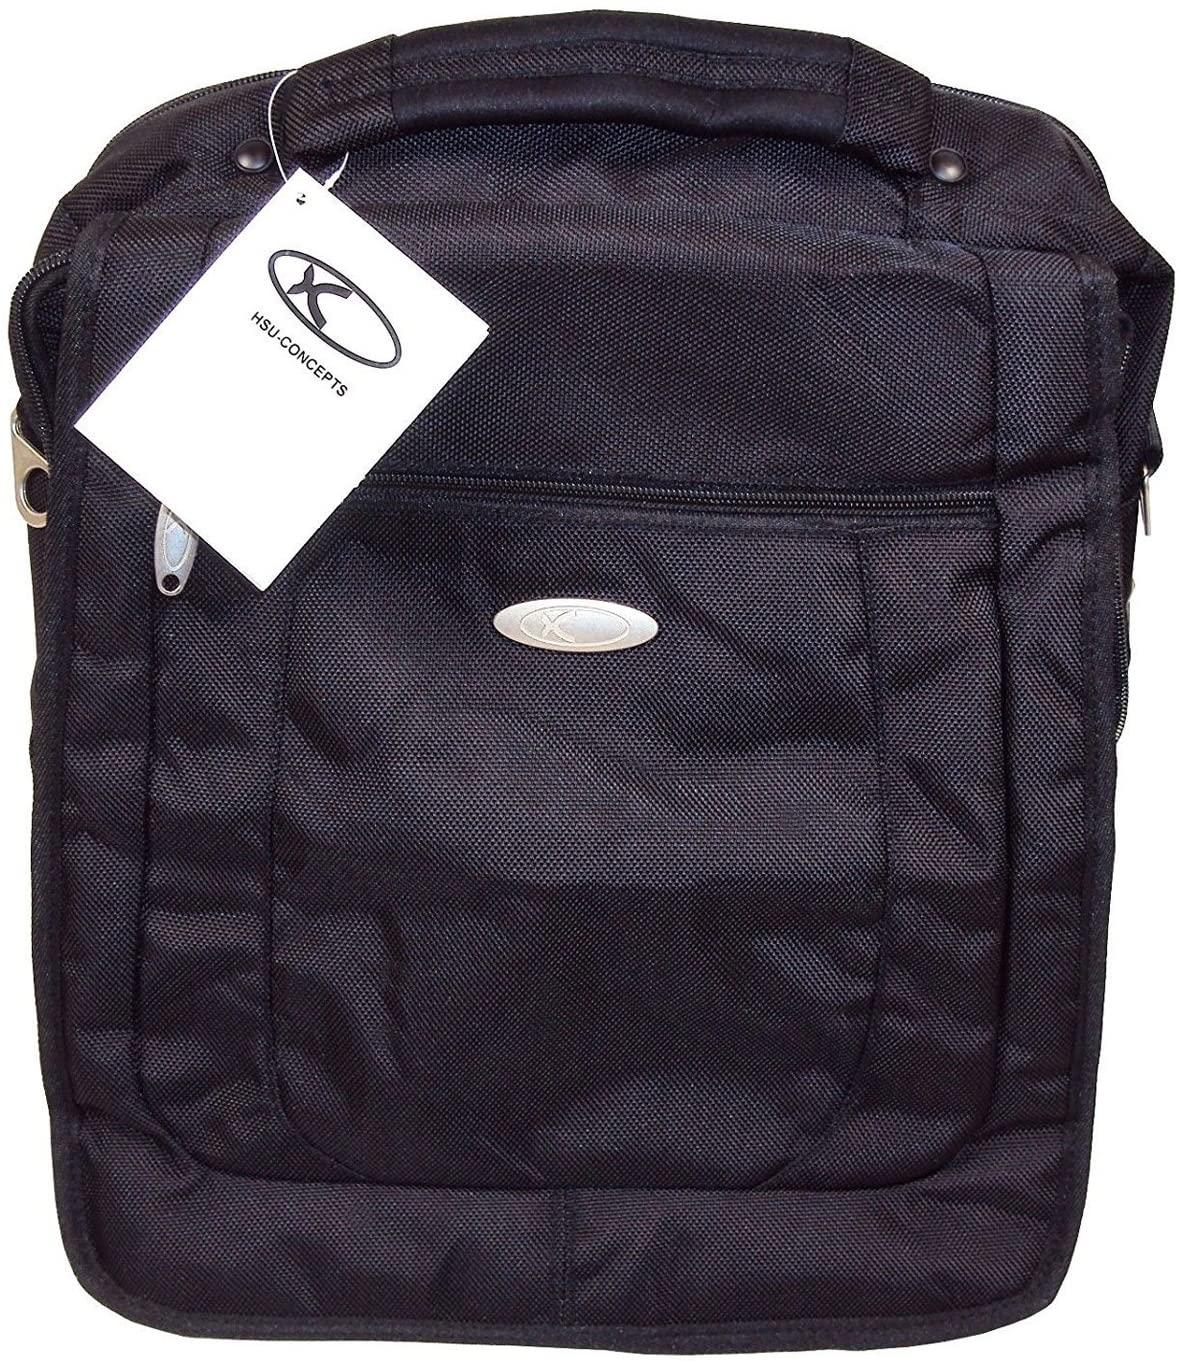 Large Vertical 4-way Messenger Bag/Backpack - HSU Concepts - Black.